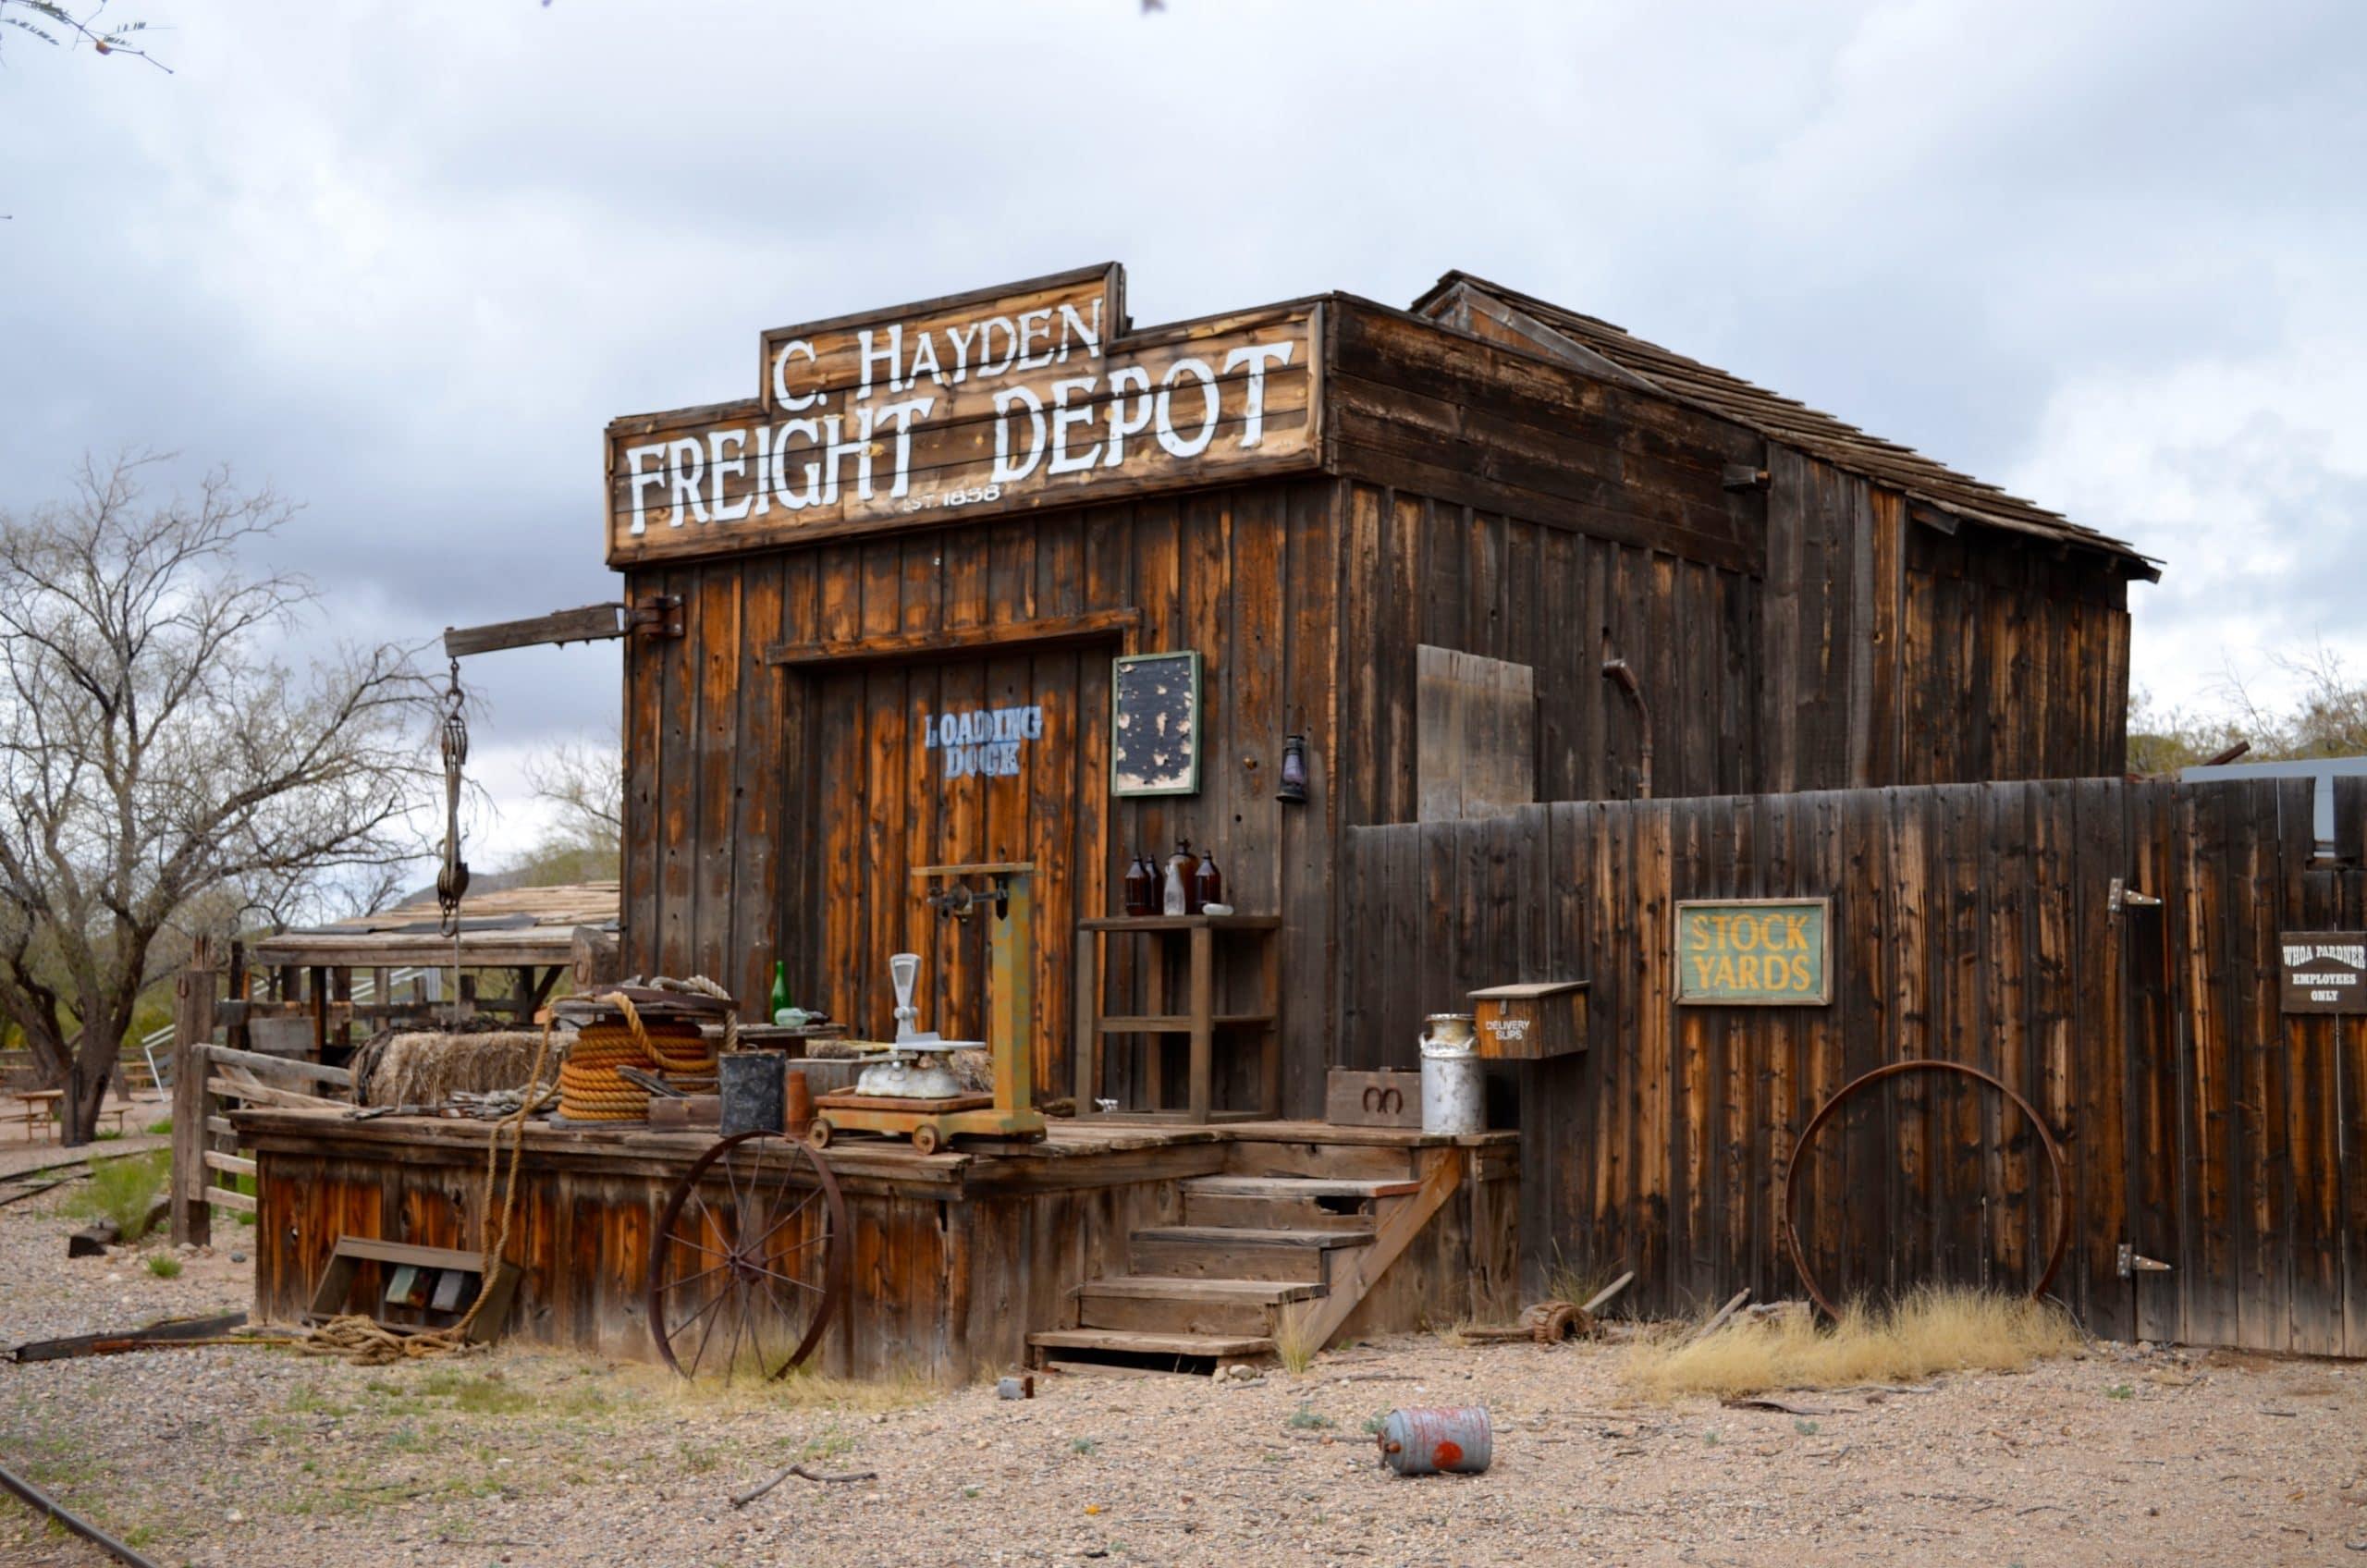 Tour The Wild Wild West Old Tucson Studios